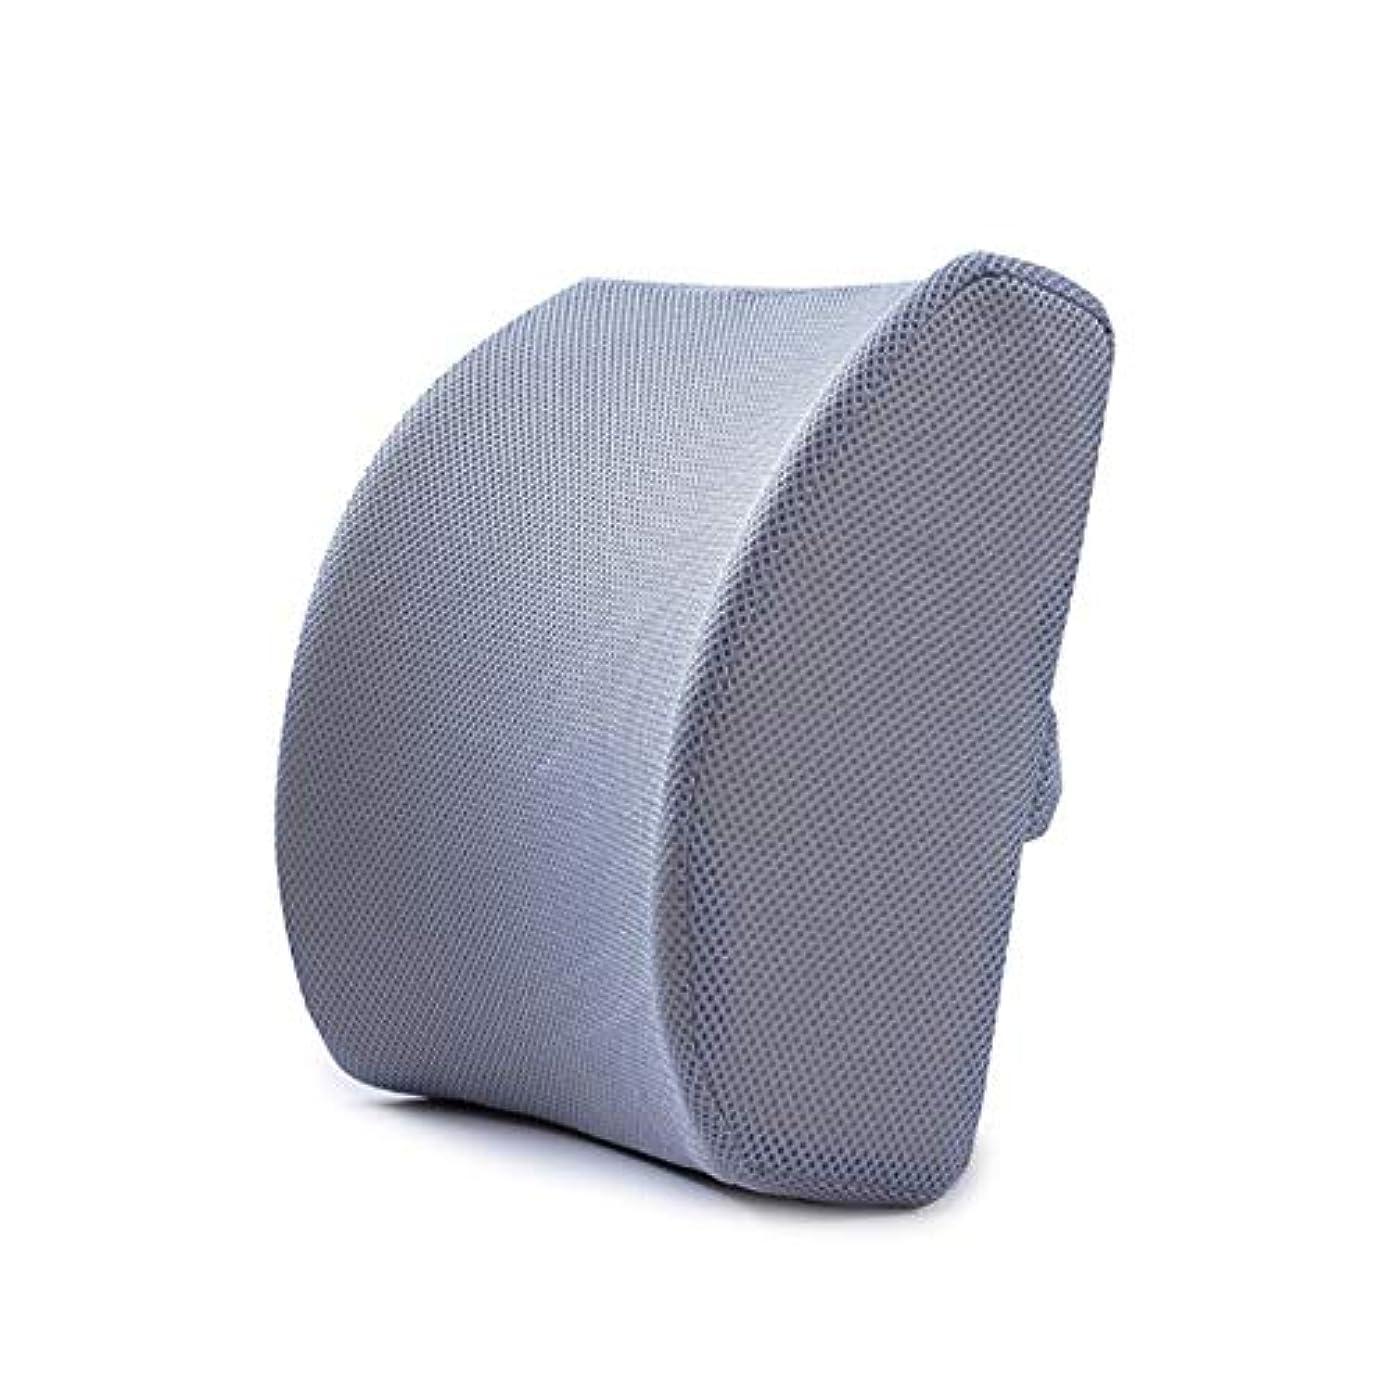 解き明かす医療の慢なLIFE ホームオフィス背もたれ椅子腰椎クッションカーシートネック枕 3D 低反発サポートバックマッサージウエストレスリビング枕 クッション 椅子